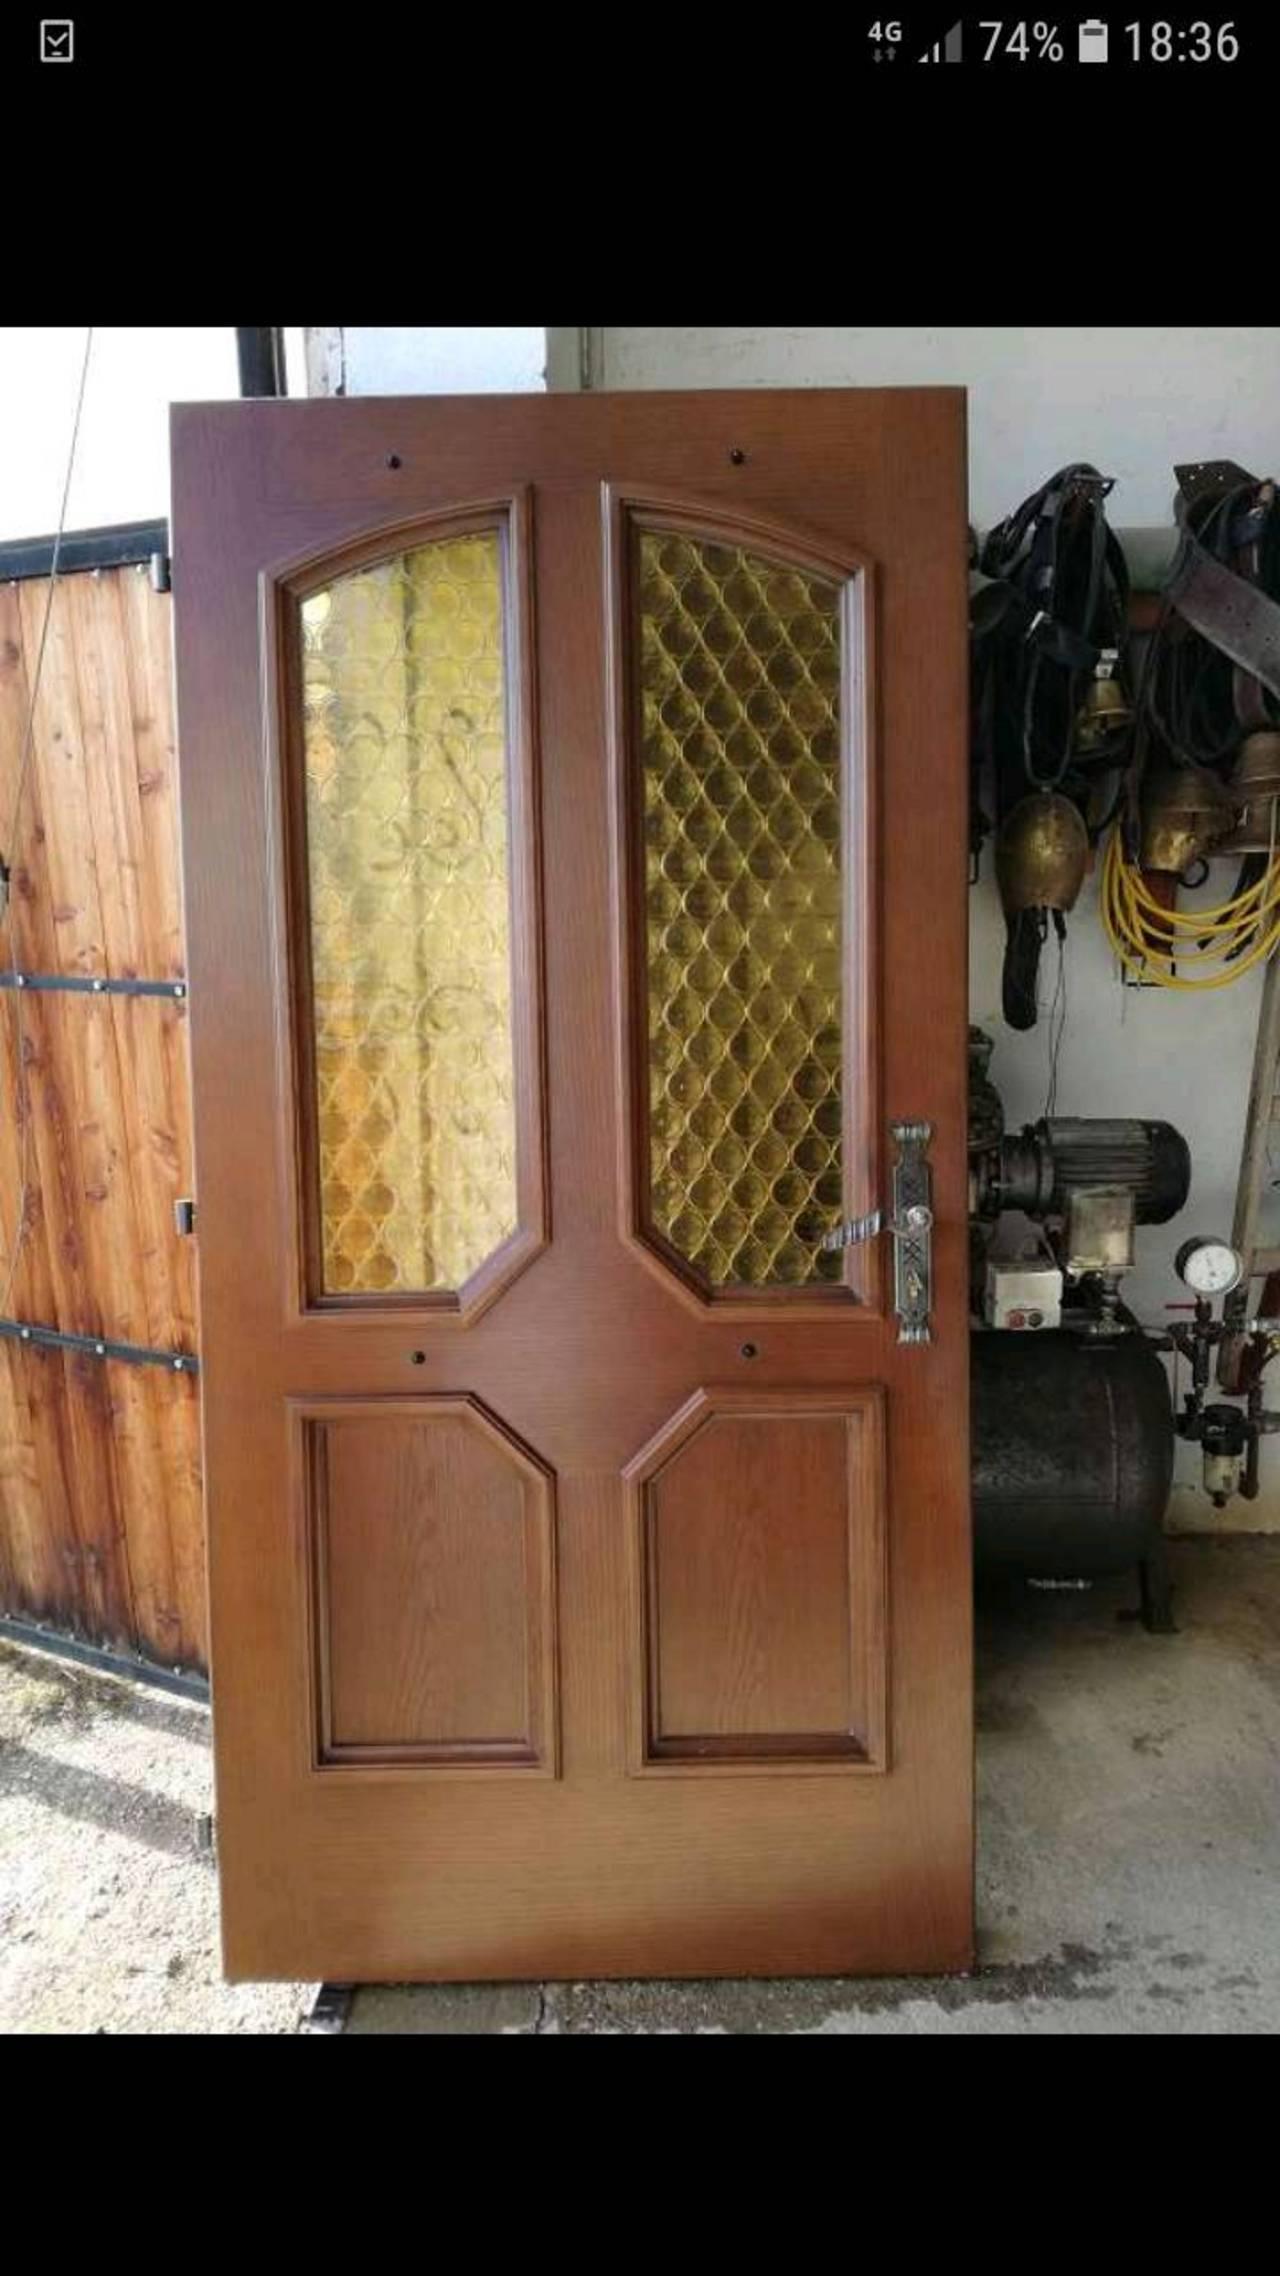 Häufig Gebrauchte Fenster und Türen kaufen - auf www.landwirt.com PP65